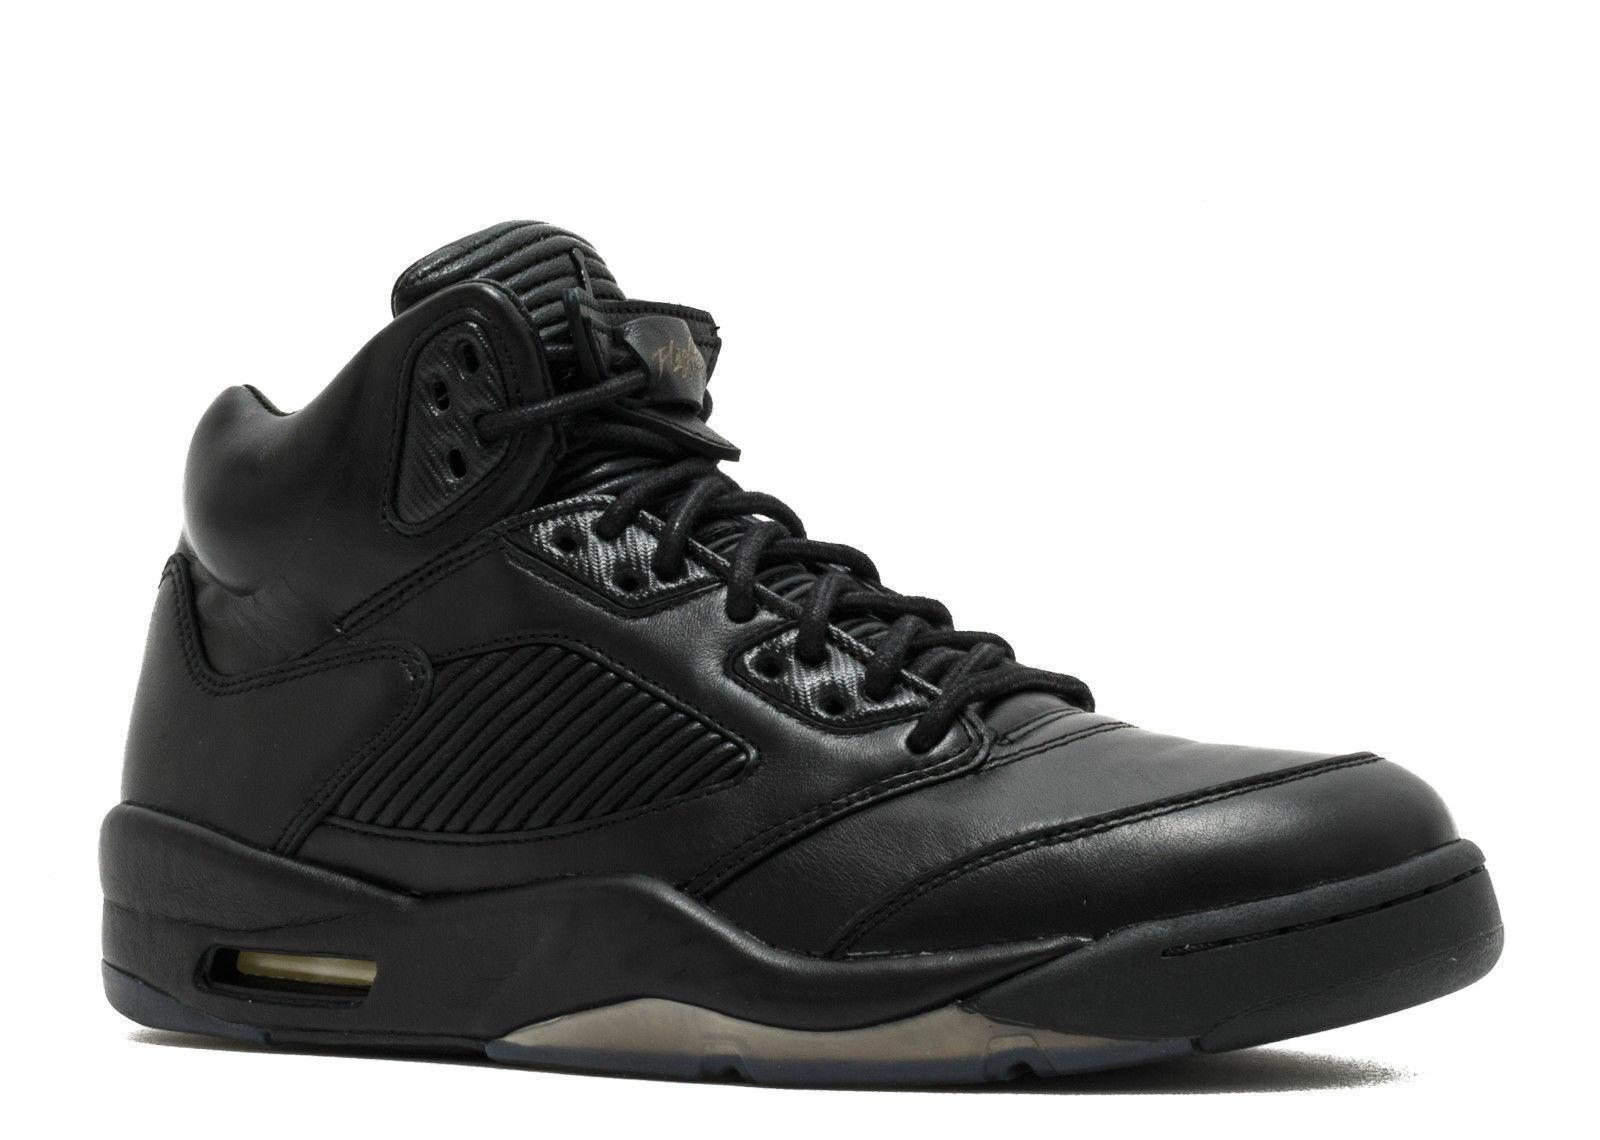 New Air Jordan 5 Retro Premium Pinnacle Triple Black Size 16 881432 010